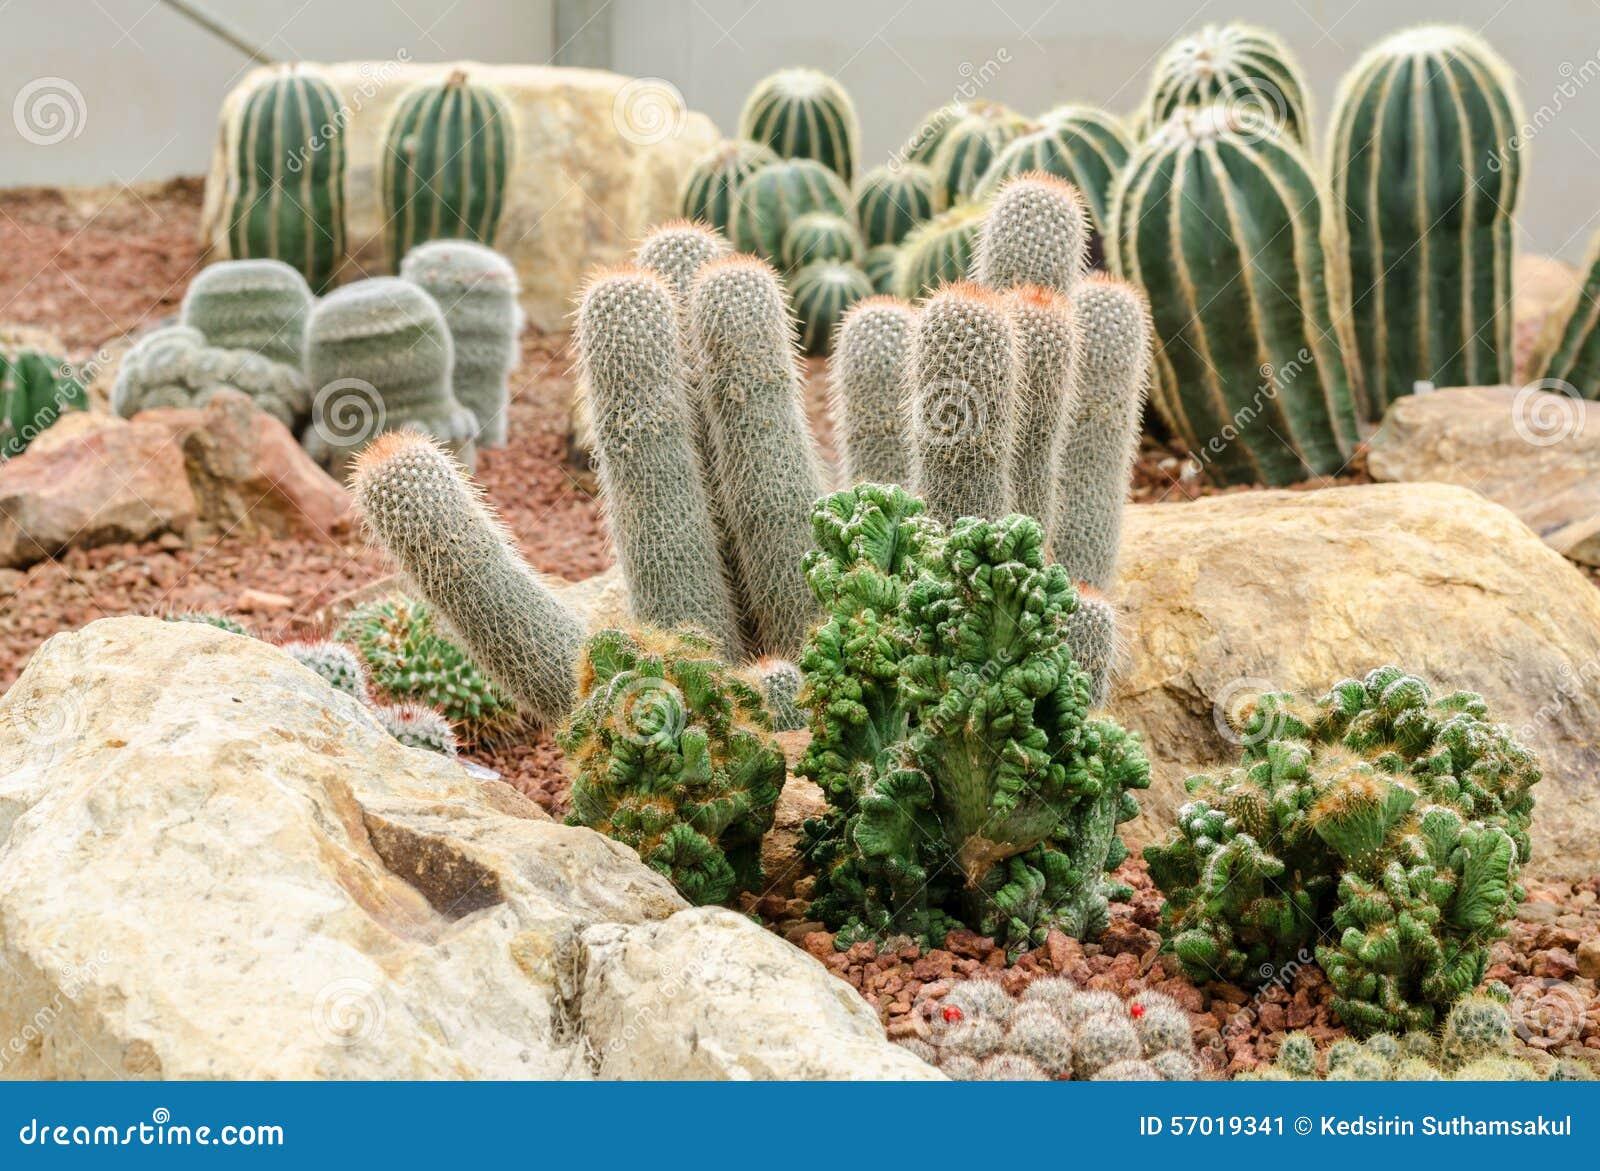 Plantas de desierto cactus en jard n imagen de archivo for Jardin del desierto